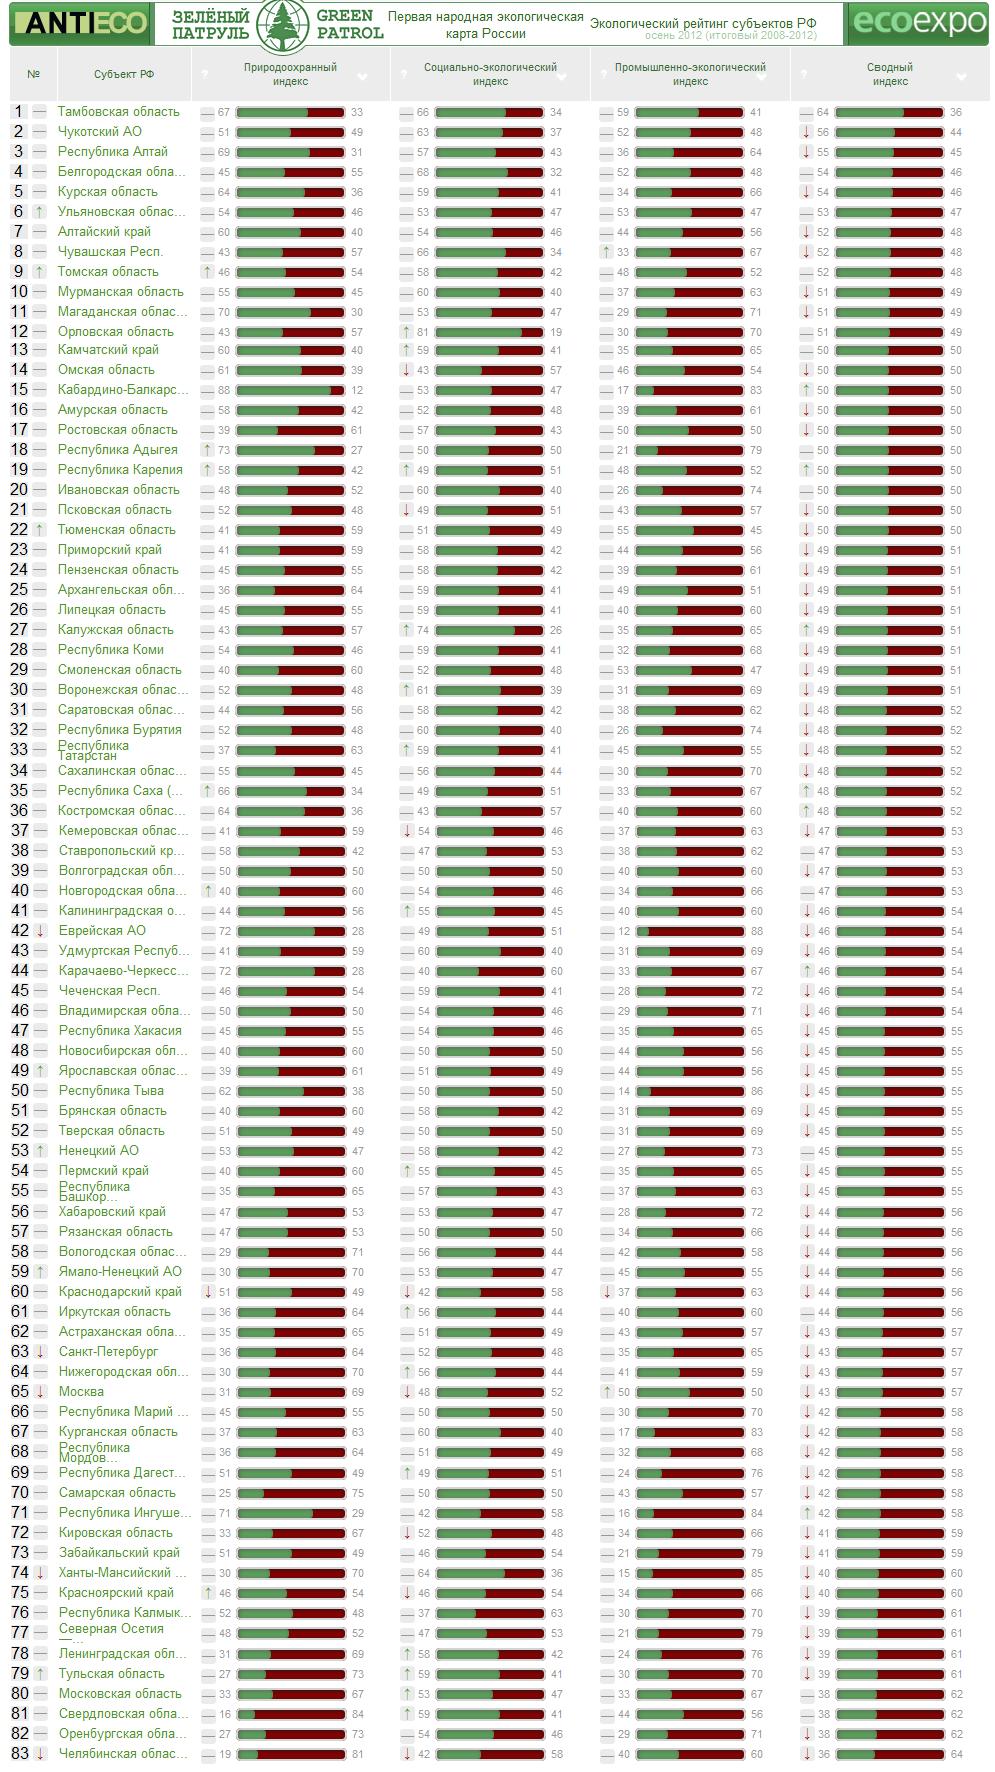 Экологический рейтинг регионов России за 2012 г. (Зелёный патруль)